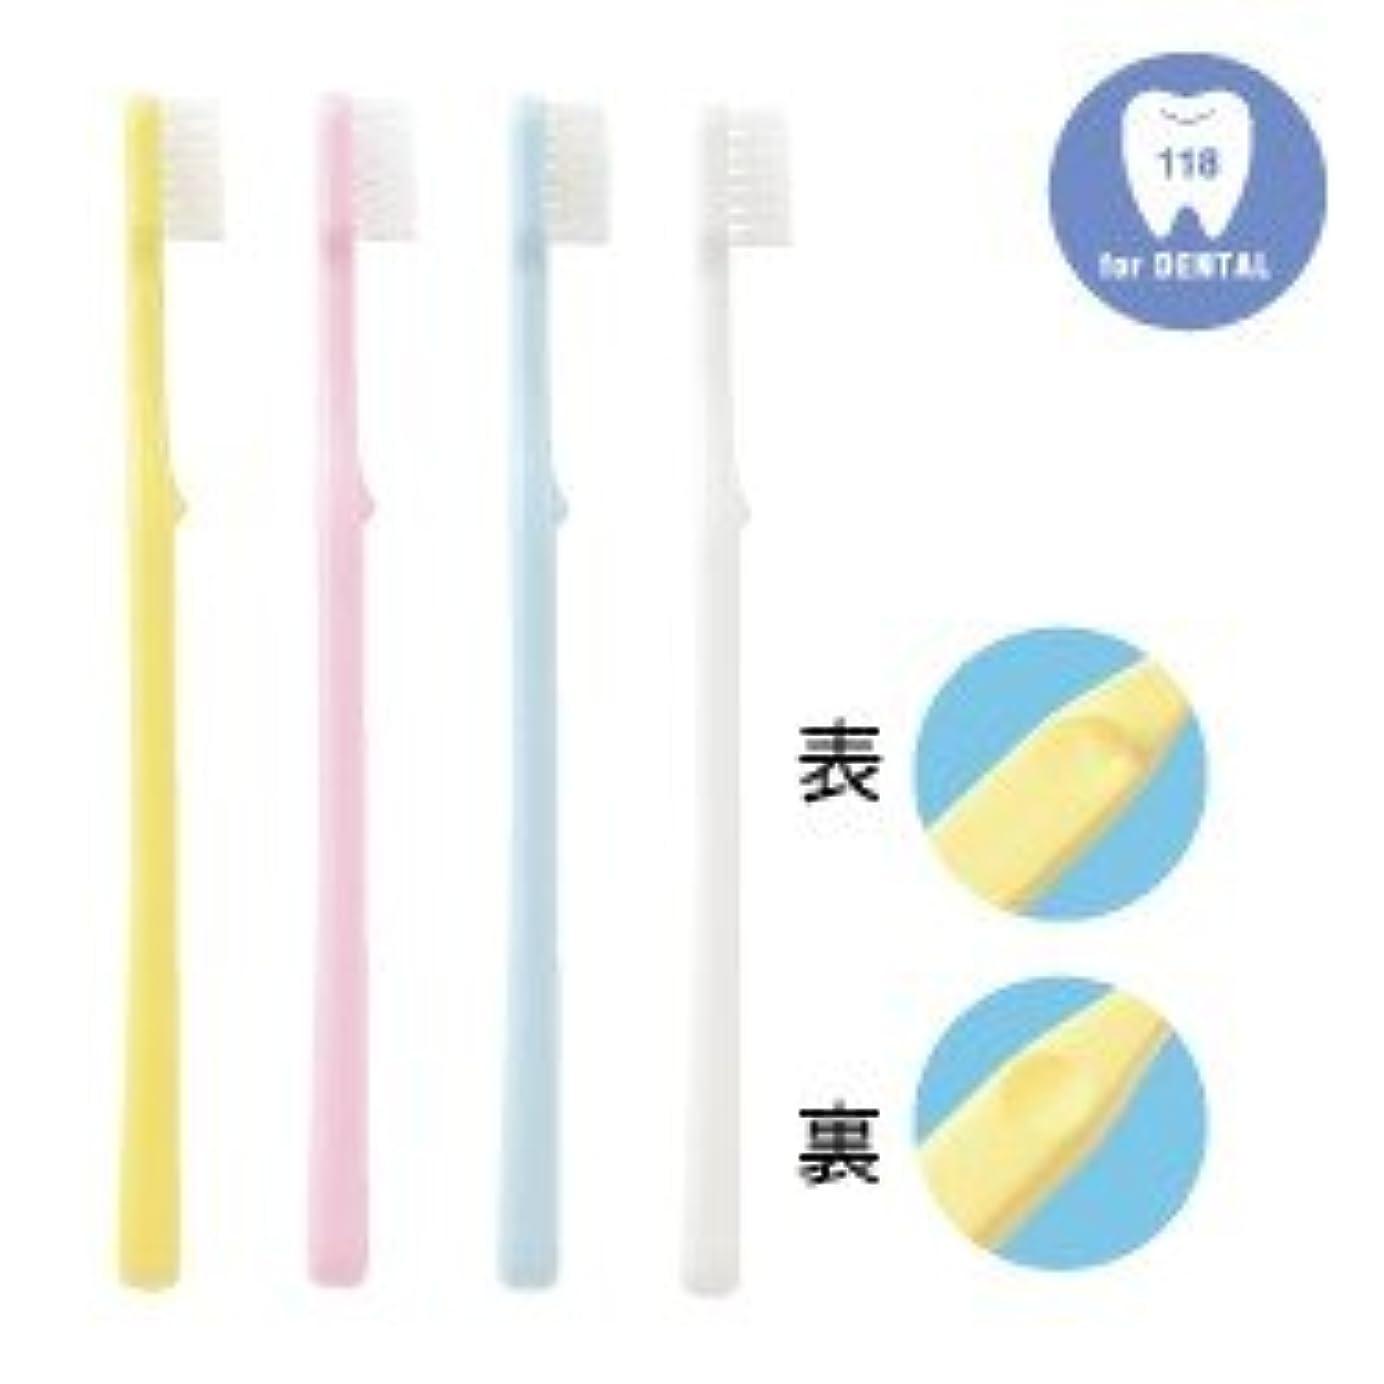 ドラゴン小学生卒業歯科専用歯ブラシ フォーカス 子供用 118シリーズ M(ふつう) 20本